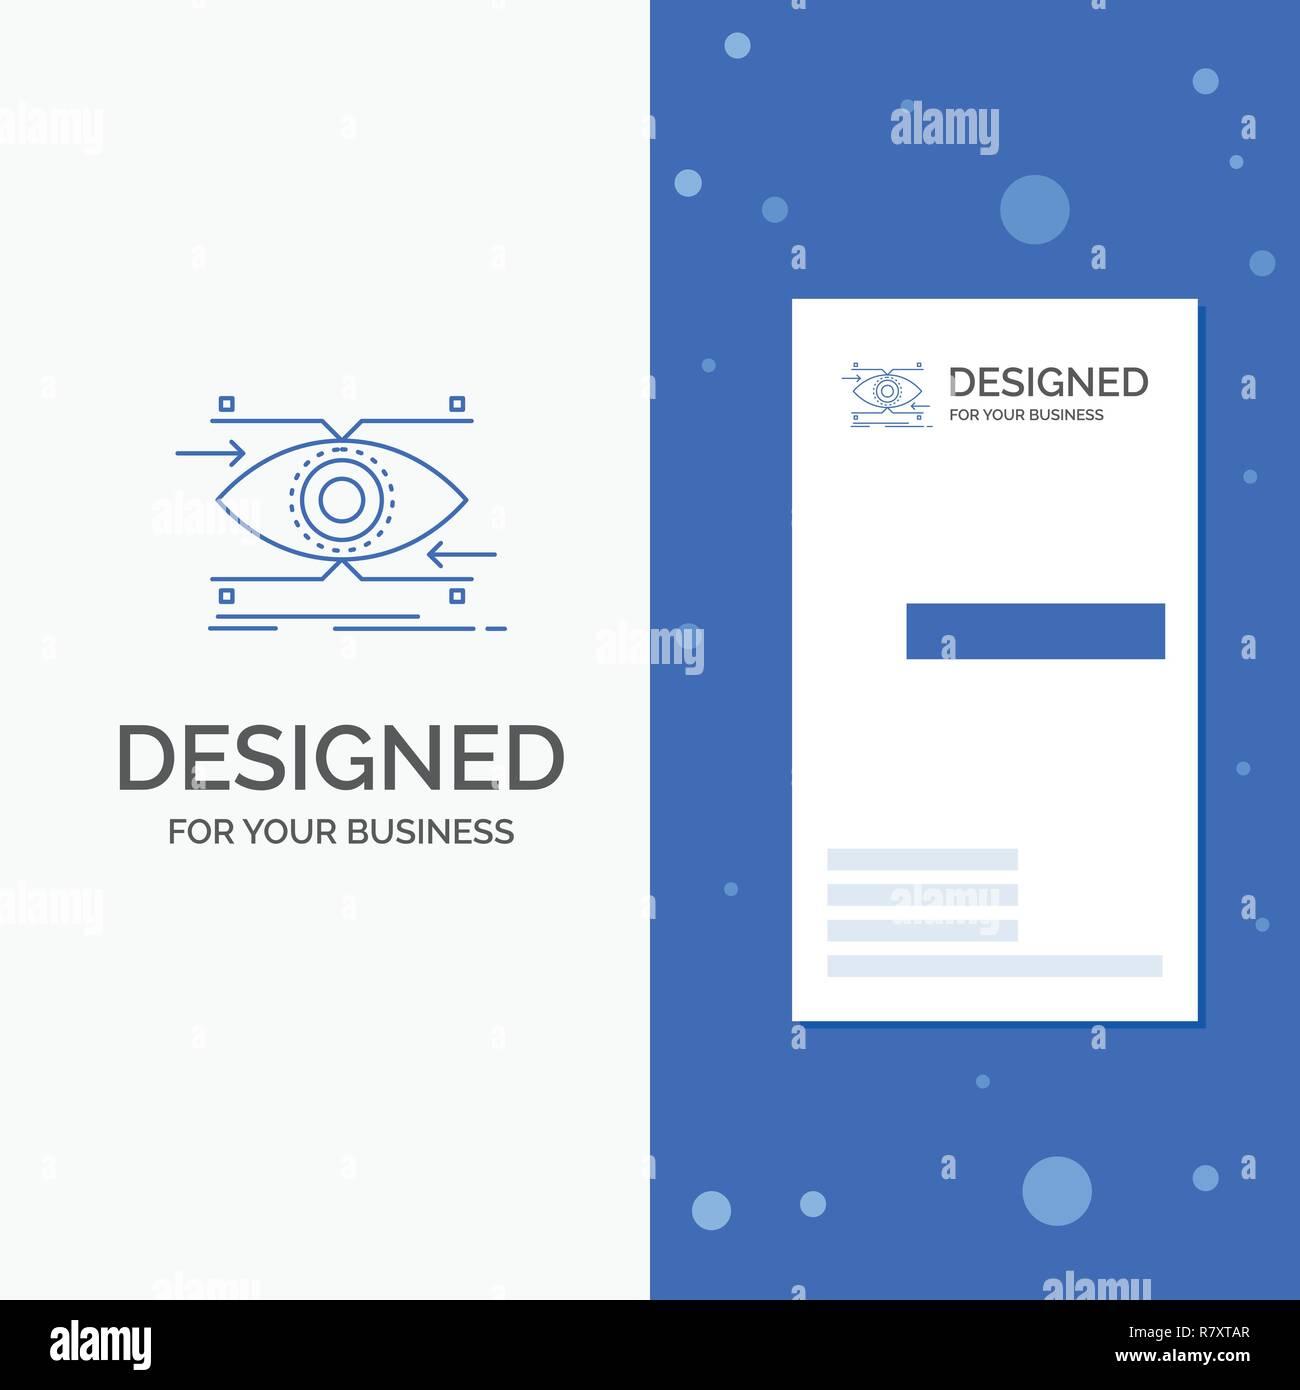 Logo Dentreprise Pour Lattention De Loeil Laccent A La Recherche Vision Bleu Vertical Affaires Modele Carte Visite